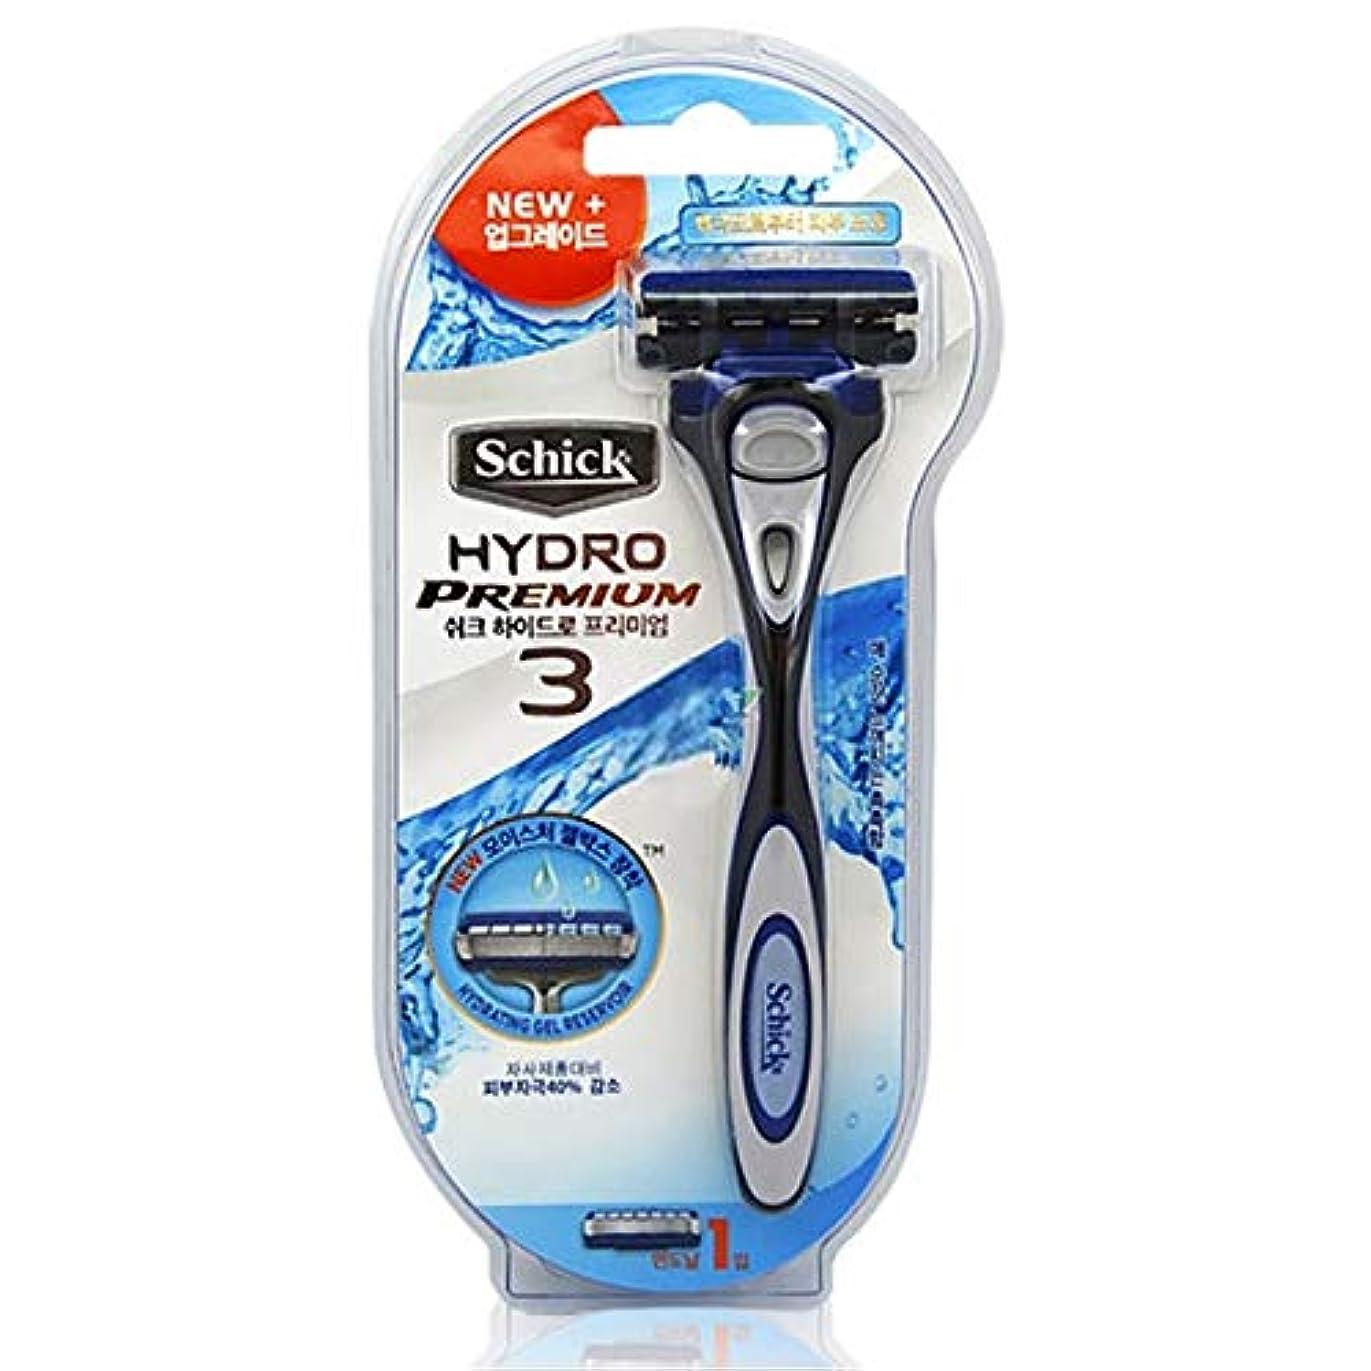 署名レプリカ課すSchick Hydro 3 Shaving Razor with 1 カートリッジ [並行輸入品]